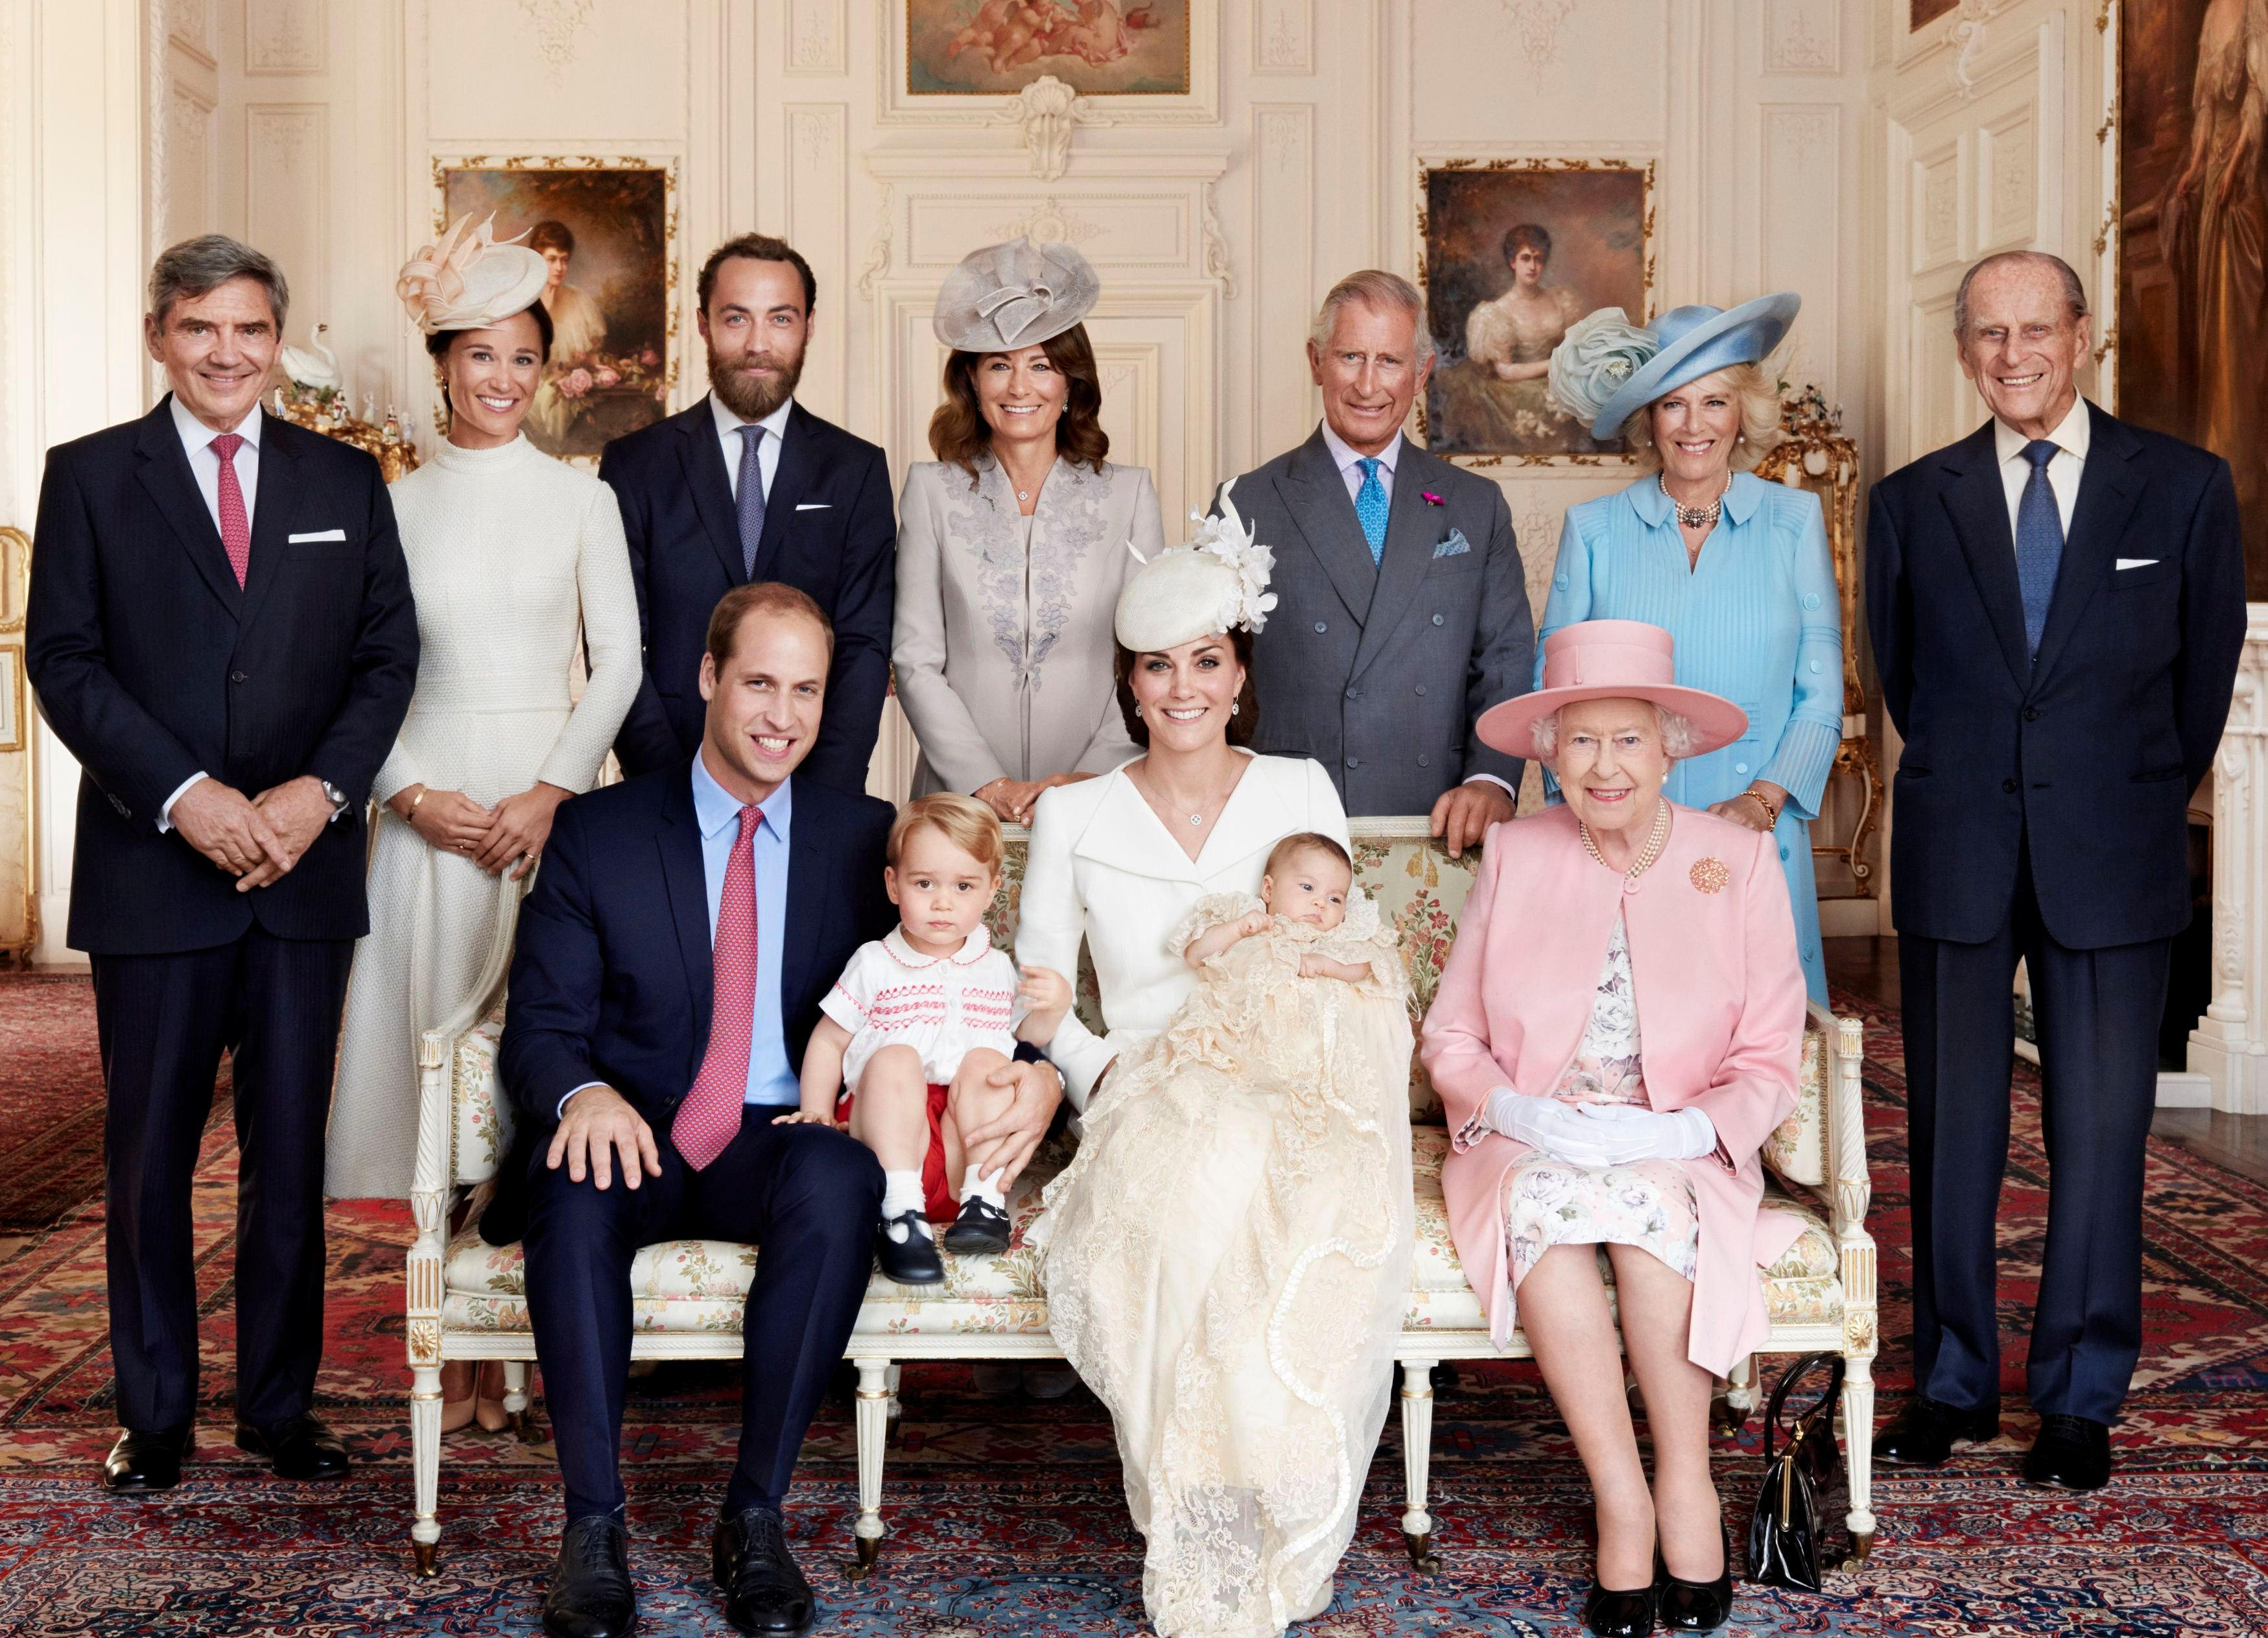 королевская семья великобритании фото сегодня ему подобные планируют